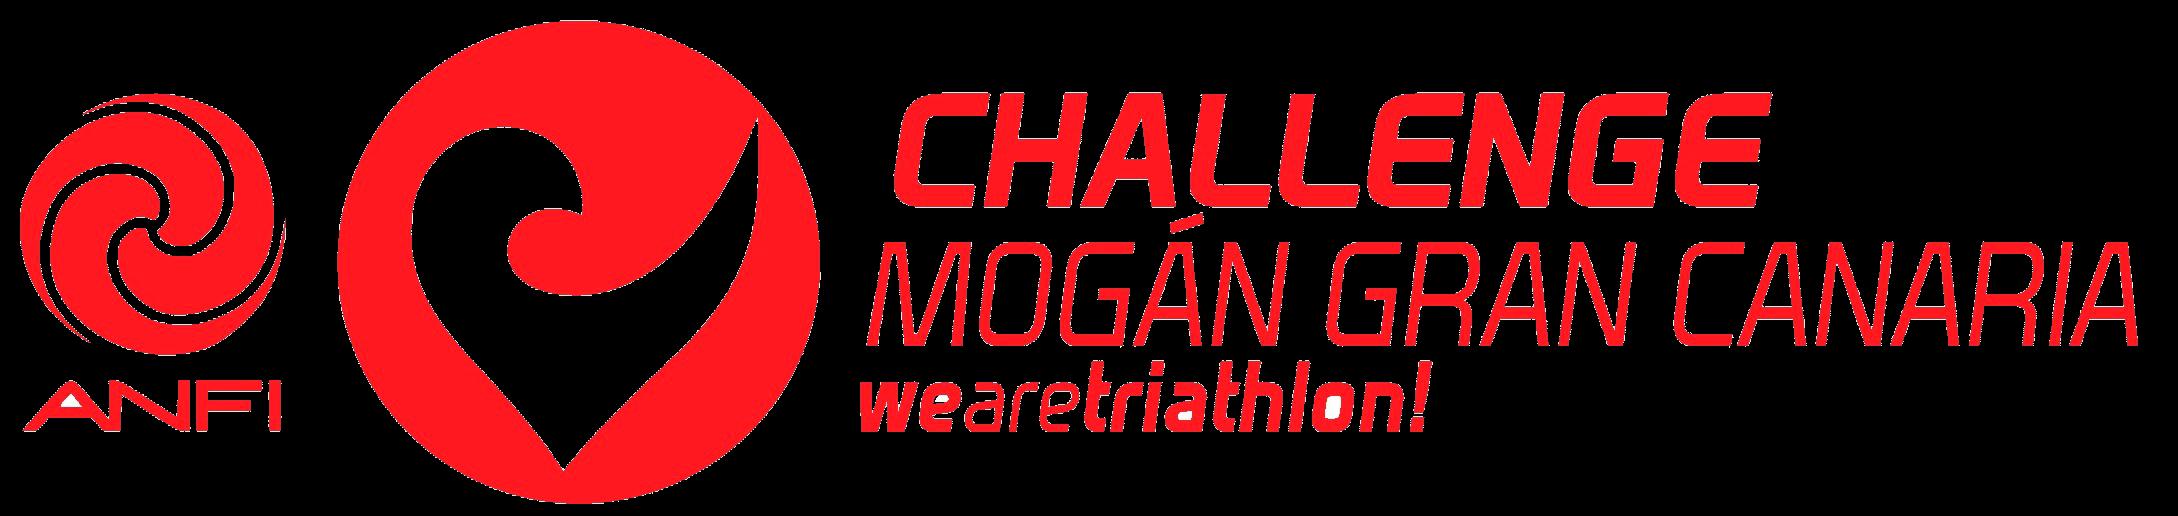 Logos-Anfi-Challenge-Mogan